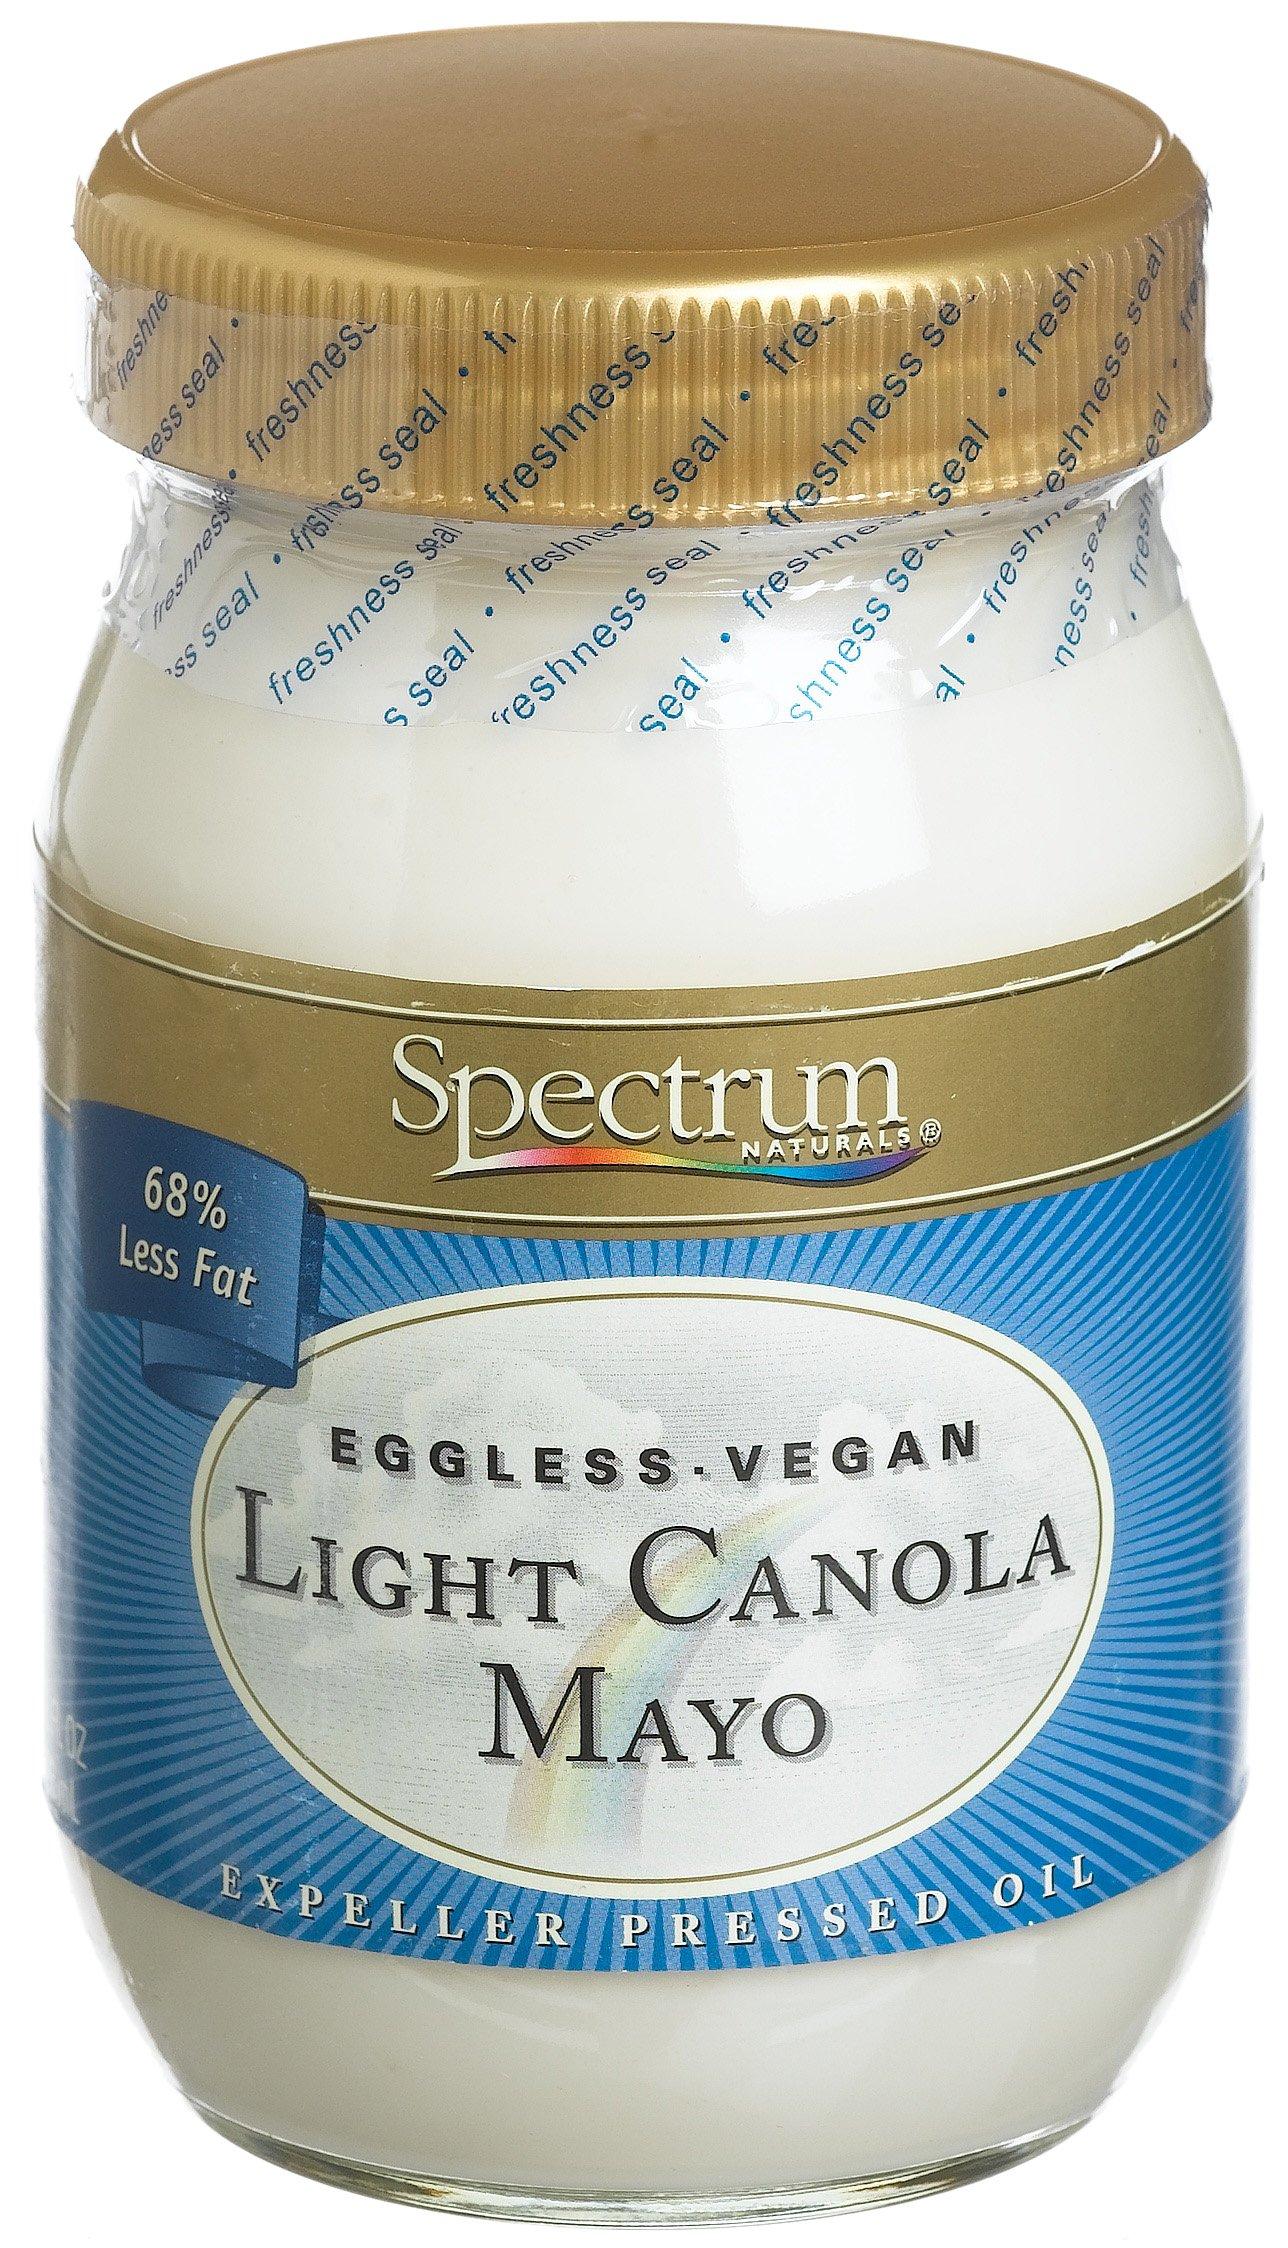 Spectrum Mayonnaise, Canola Lite, Low Fat, 16 oz